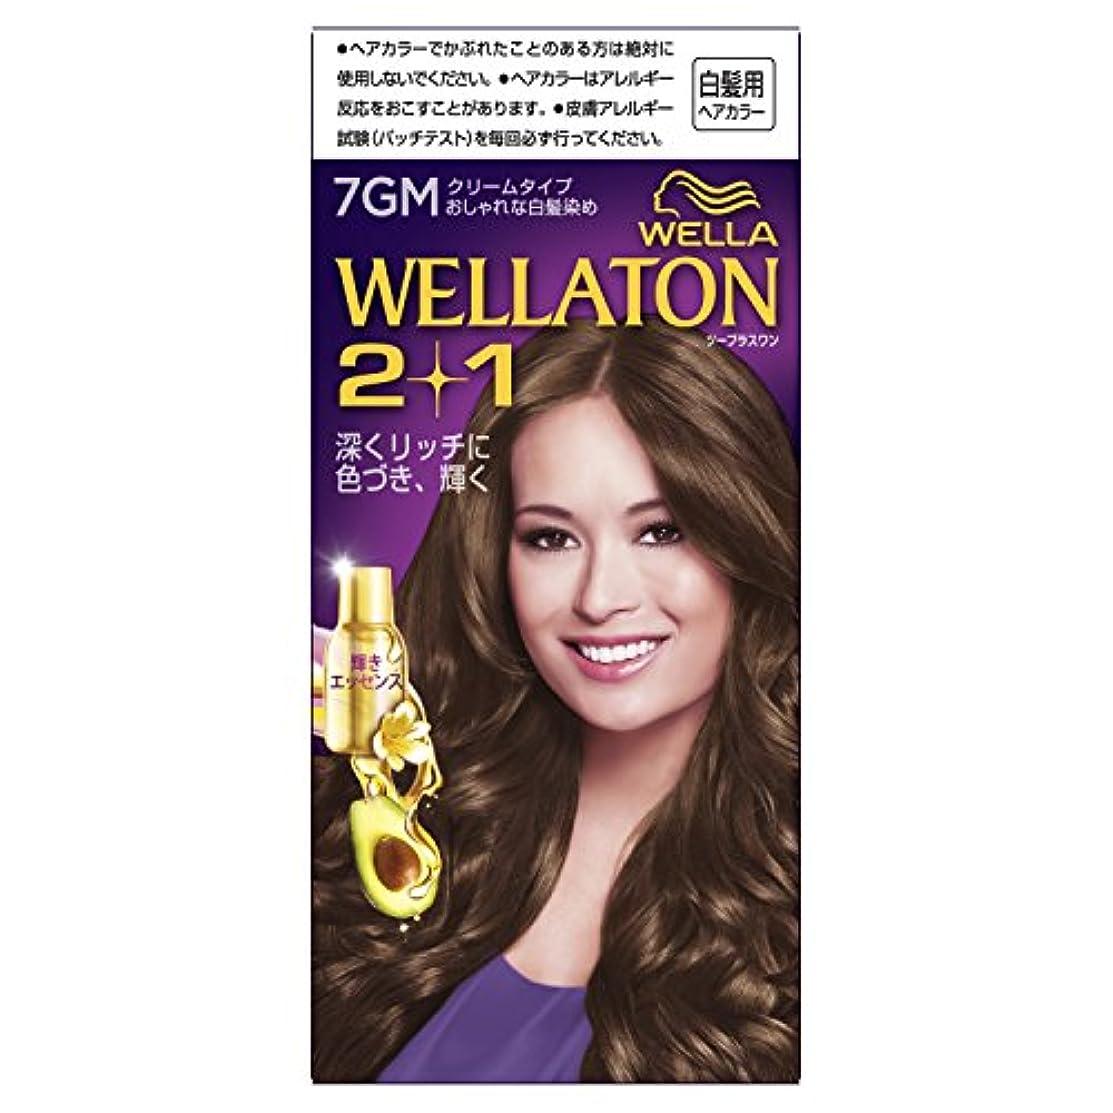 分割交通航空会社ウエラトーン2+1 クリームタイプ 7GM [医薬部外品](おしゃれな白髪染め)